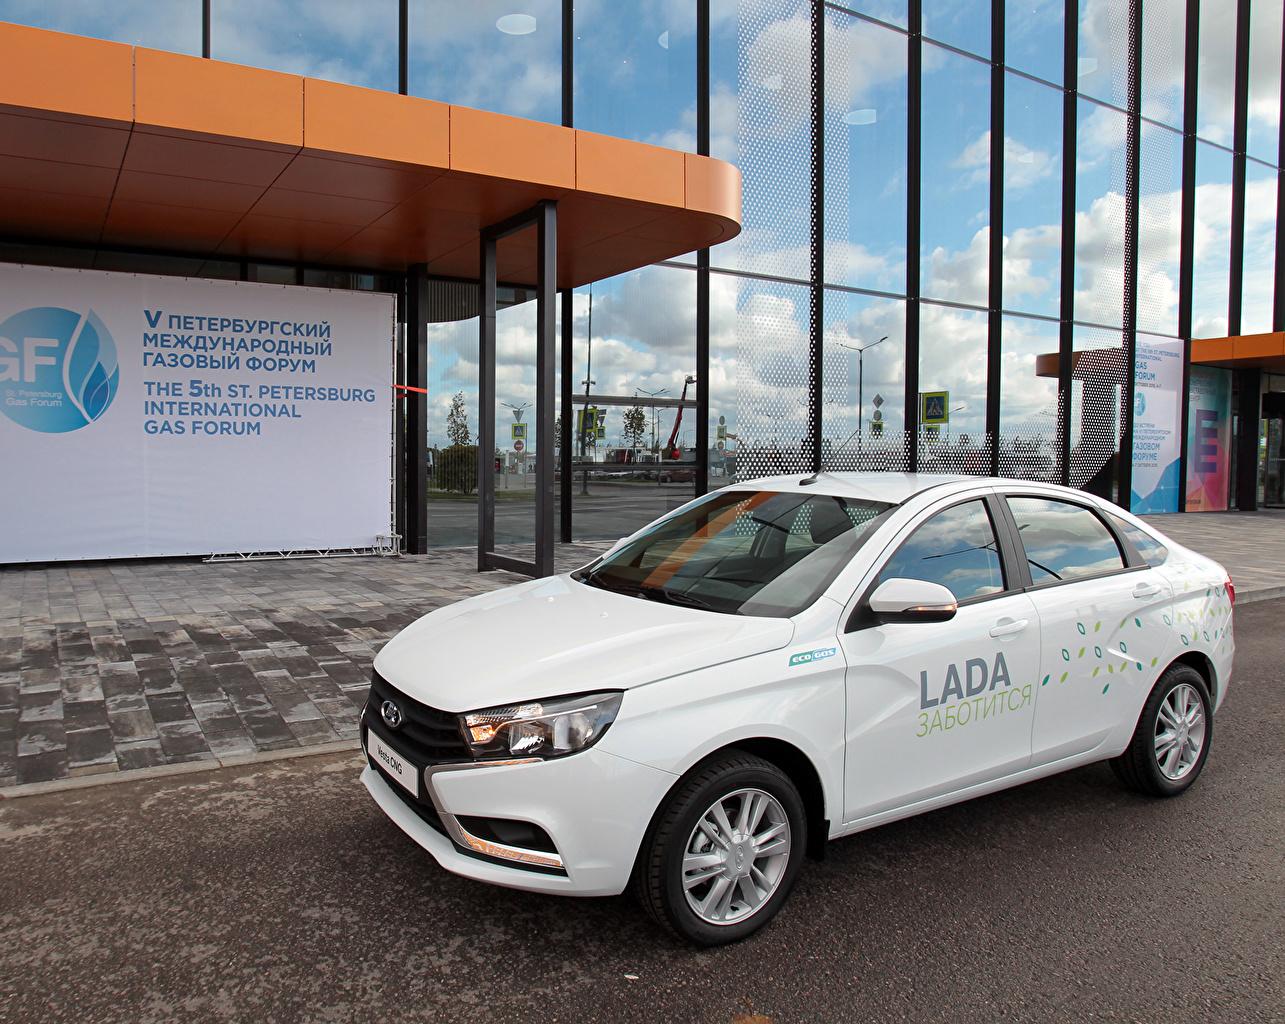 Pictures Lada Russian cars 2015 Vesta CNG White Cars auto automobile